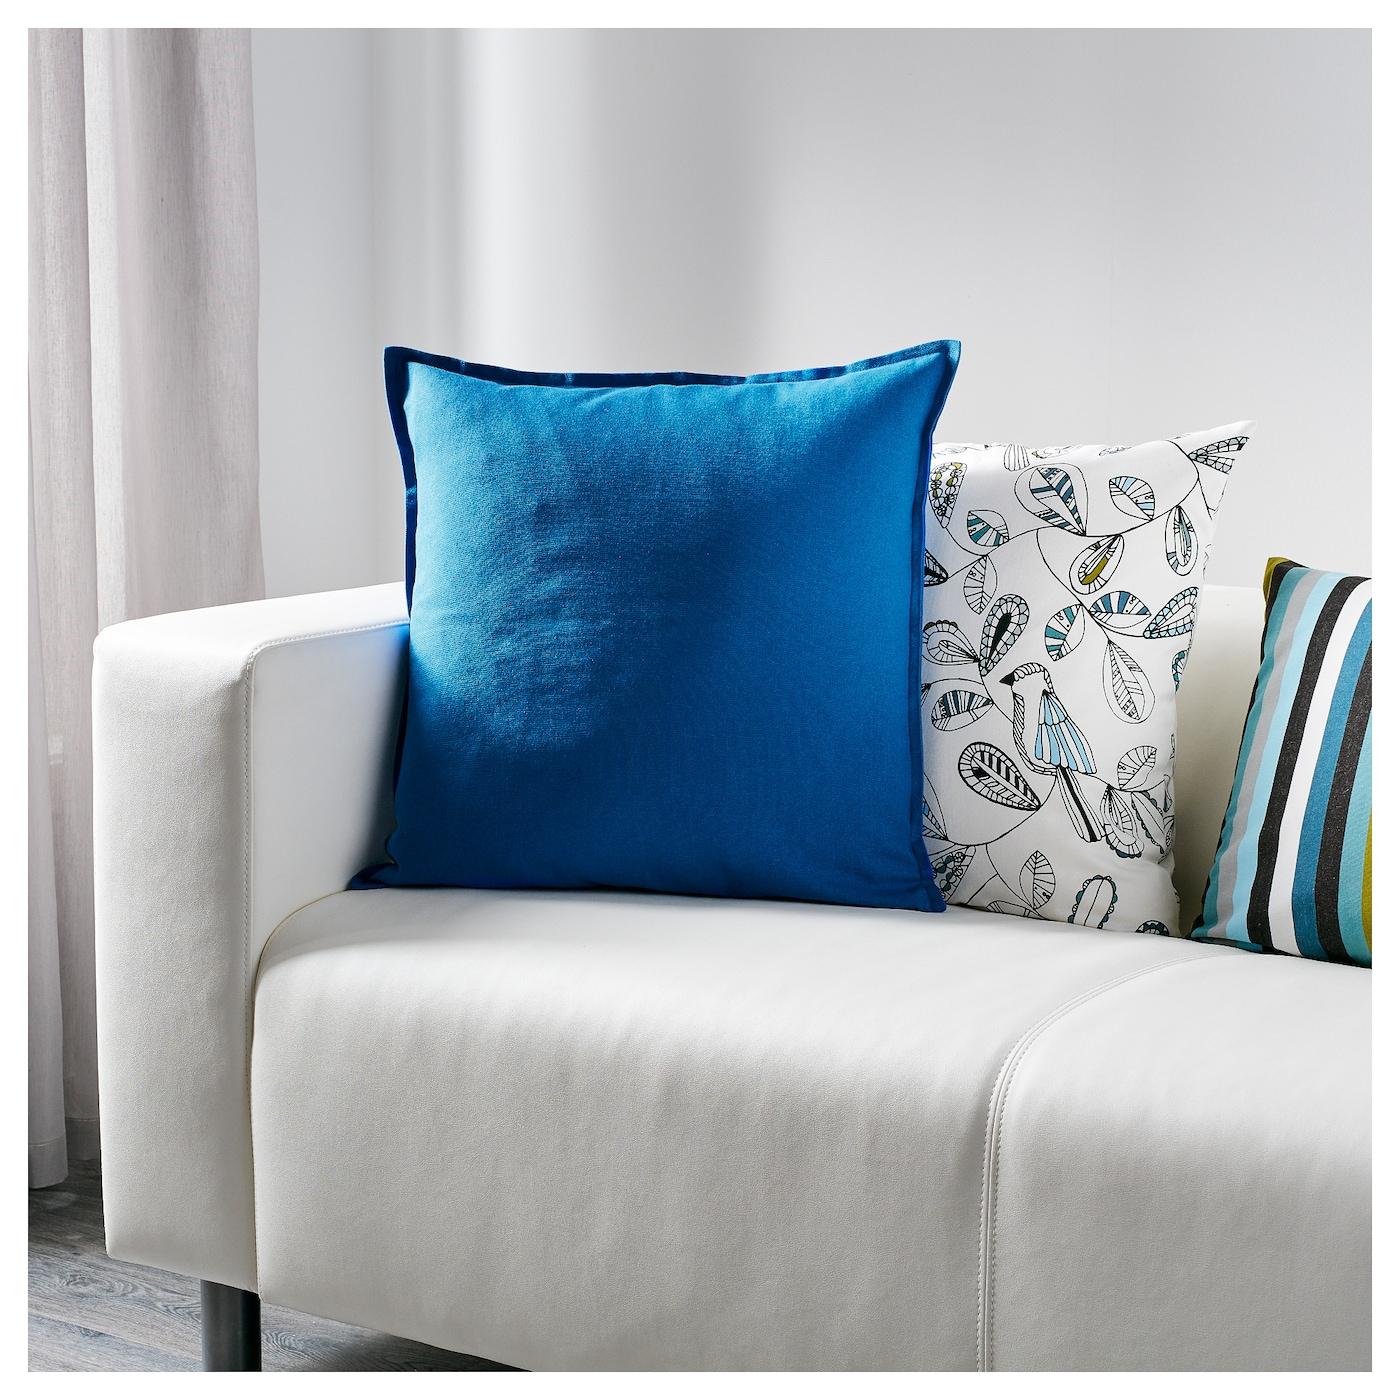 Gurli housse de coussin bleu 50x50 cm ikea - Housse de coussin 50x50 ...